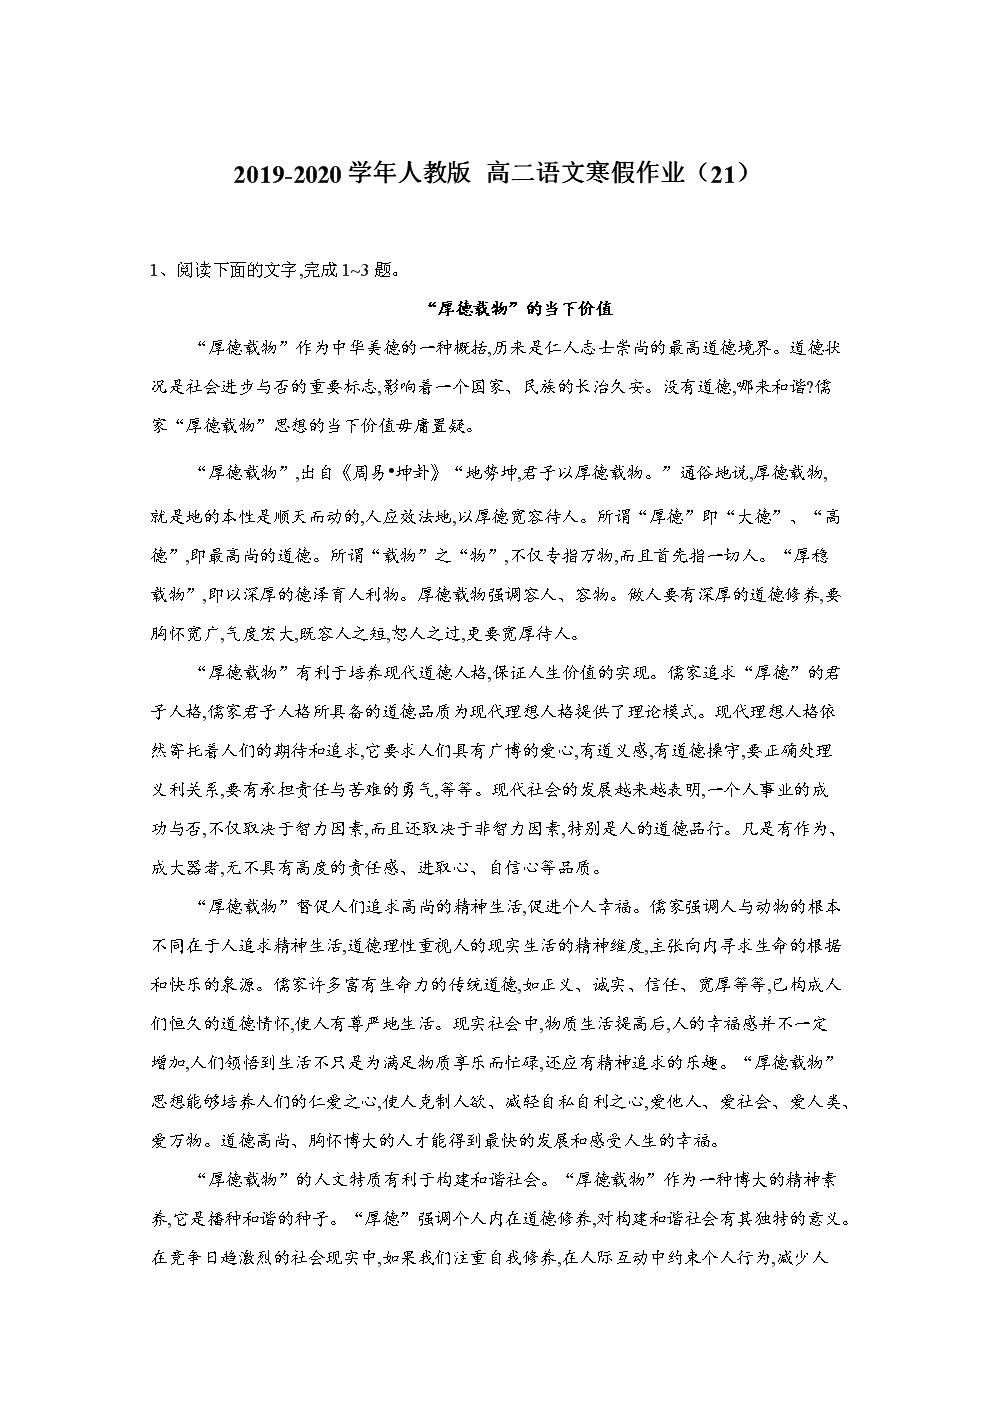 2019-2020学年人教版 高二语文寒假作业(21) Word版含答案.doc